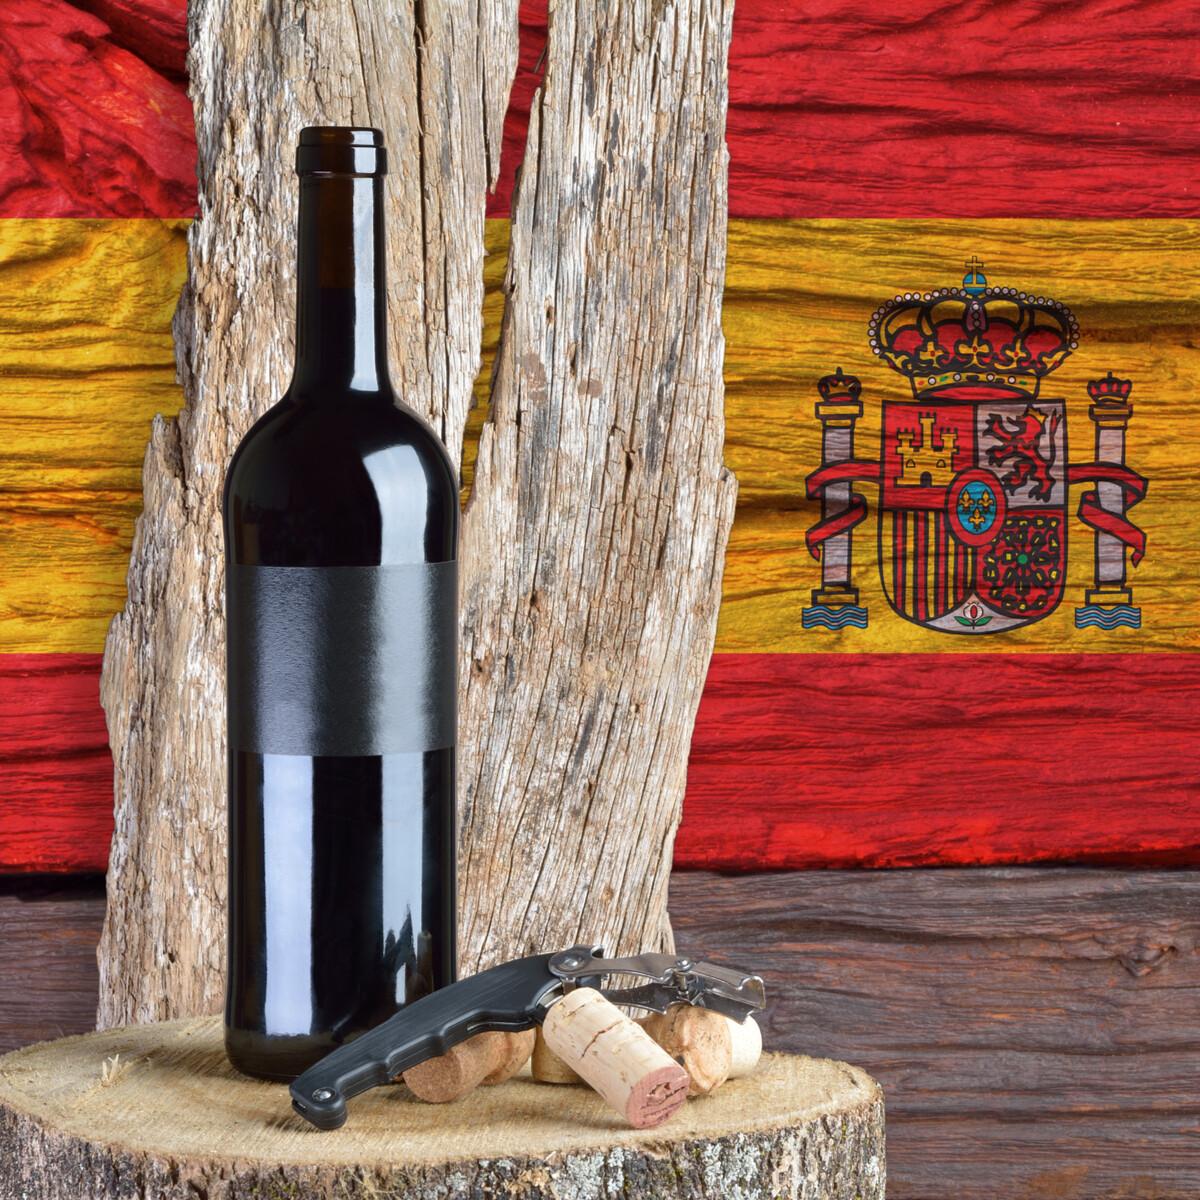 PROEFPAKKET EVIVA ESPANA